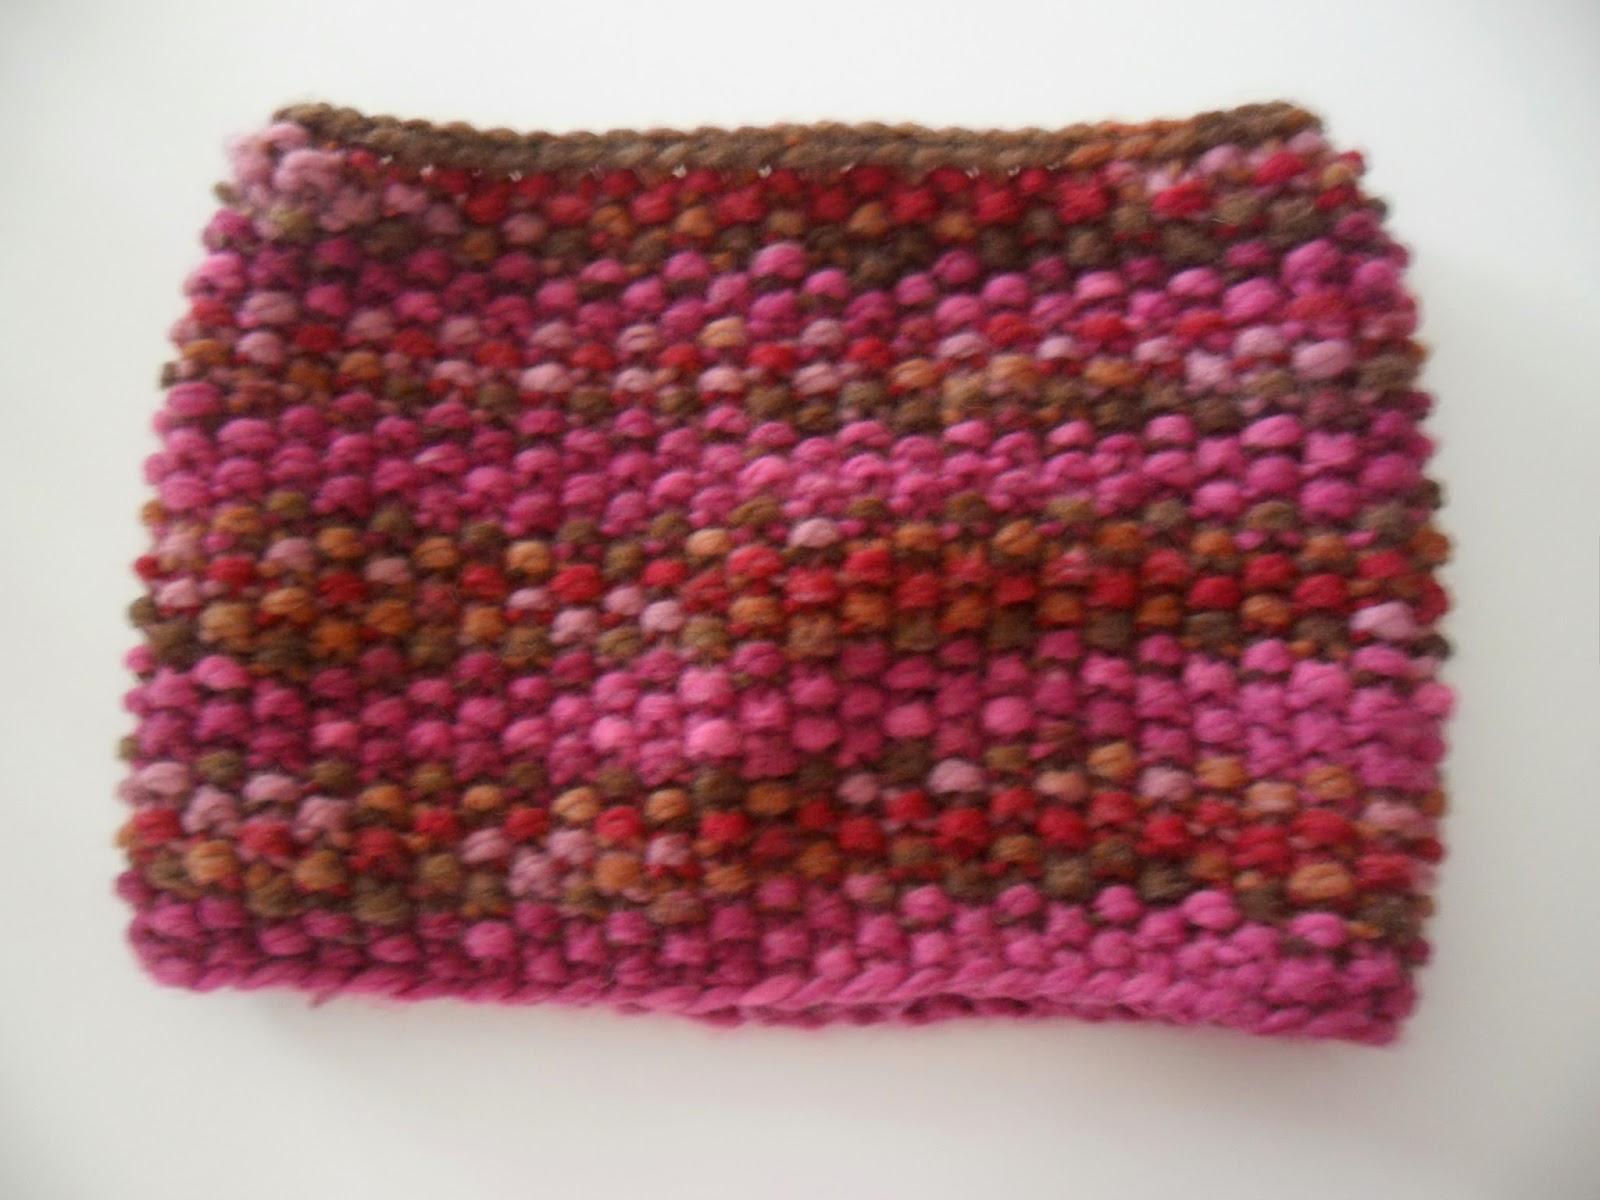 tricoter un snood au point de riz avec aiguilles circulaires